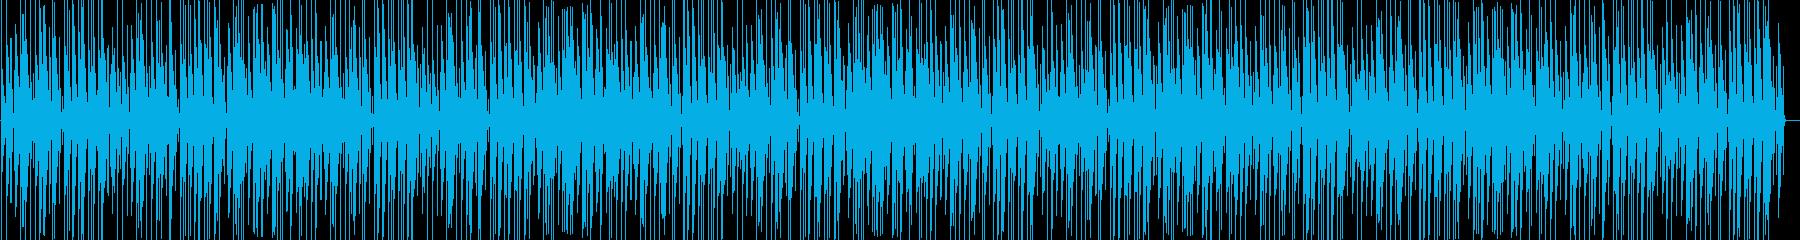 ほのぼのマリンバ「凱旋行進曲」サッカー曲の再生済みの波形